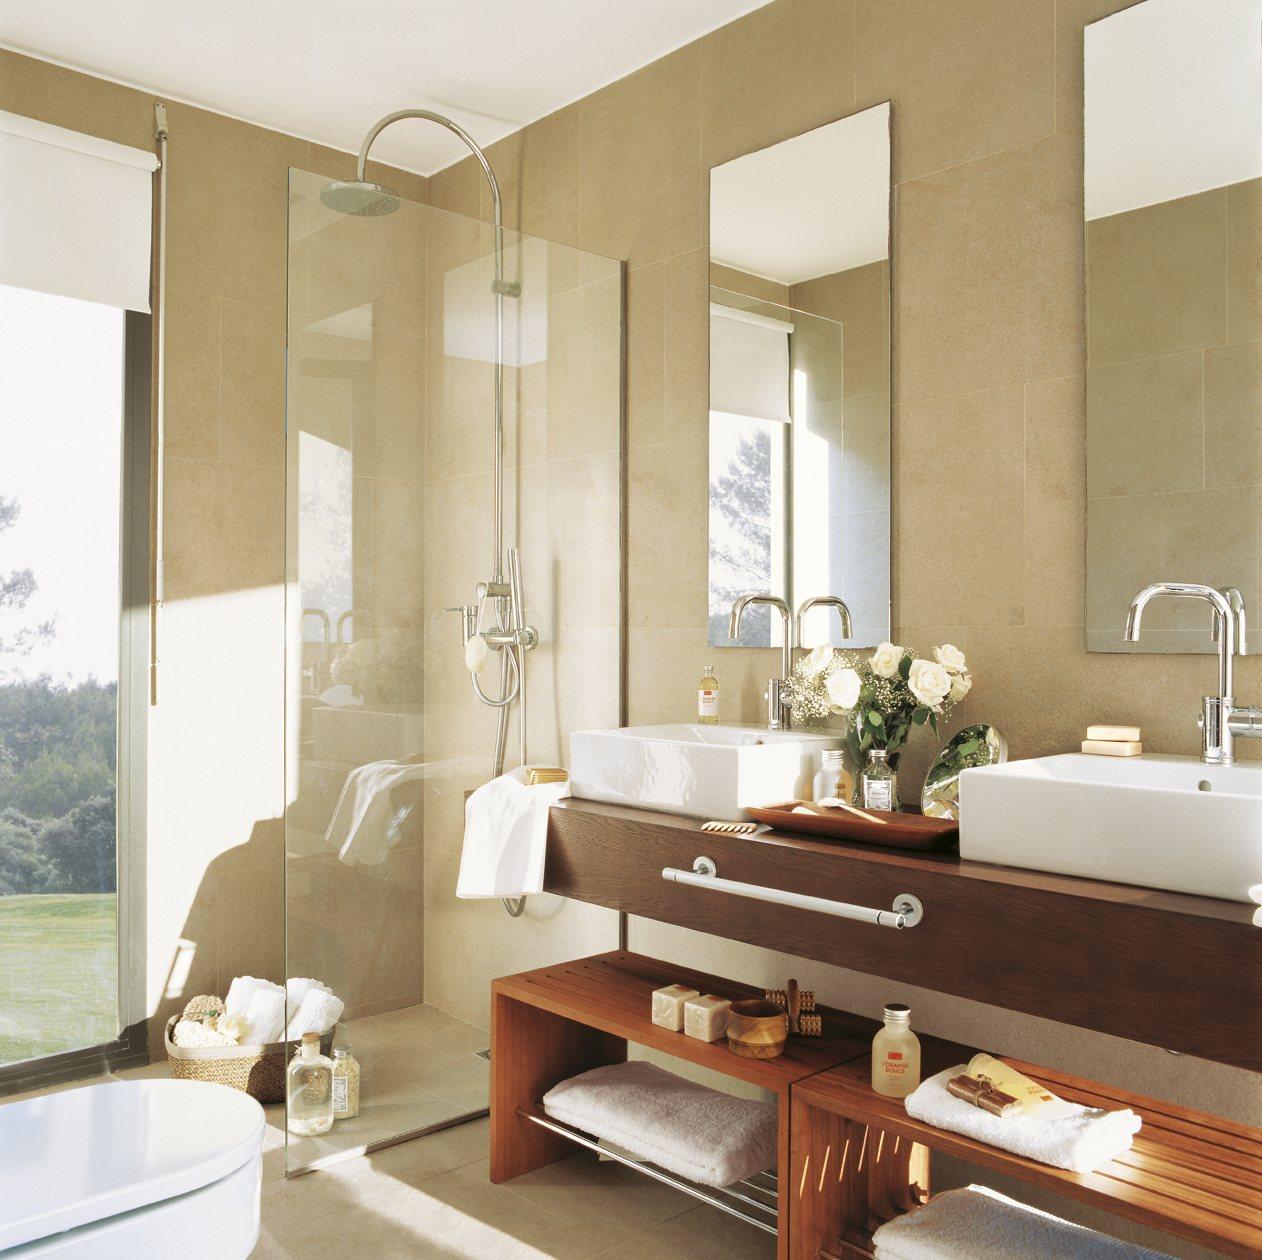 Soluciones para organizar ba os peque os - El mueble banos pequenos ...